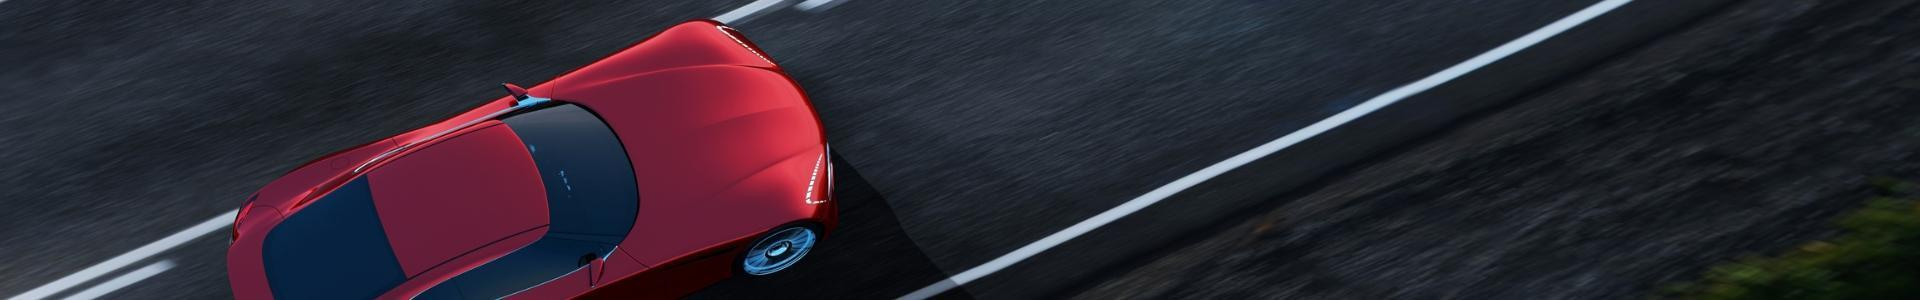 Czerwony samochód na drodze